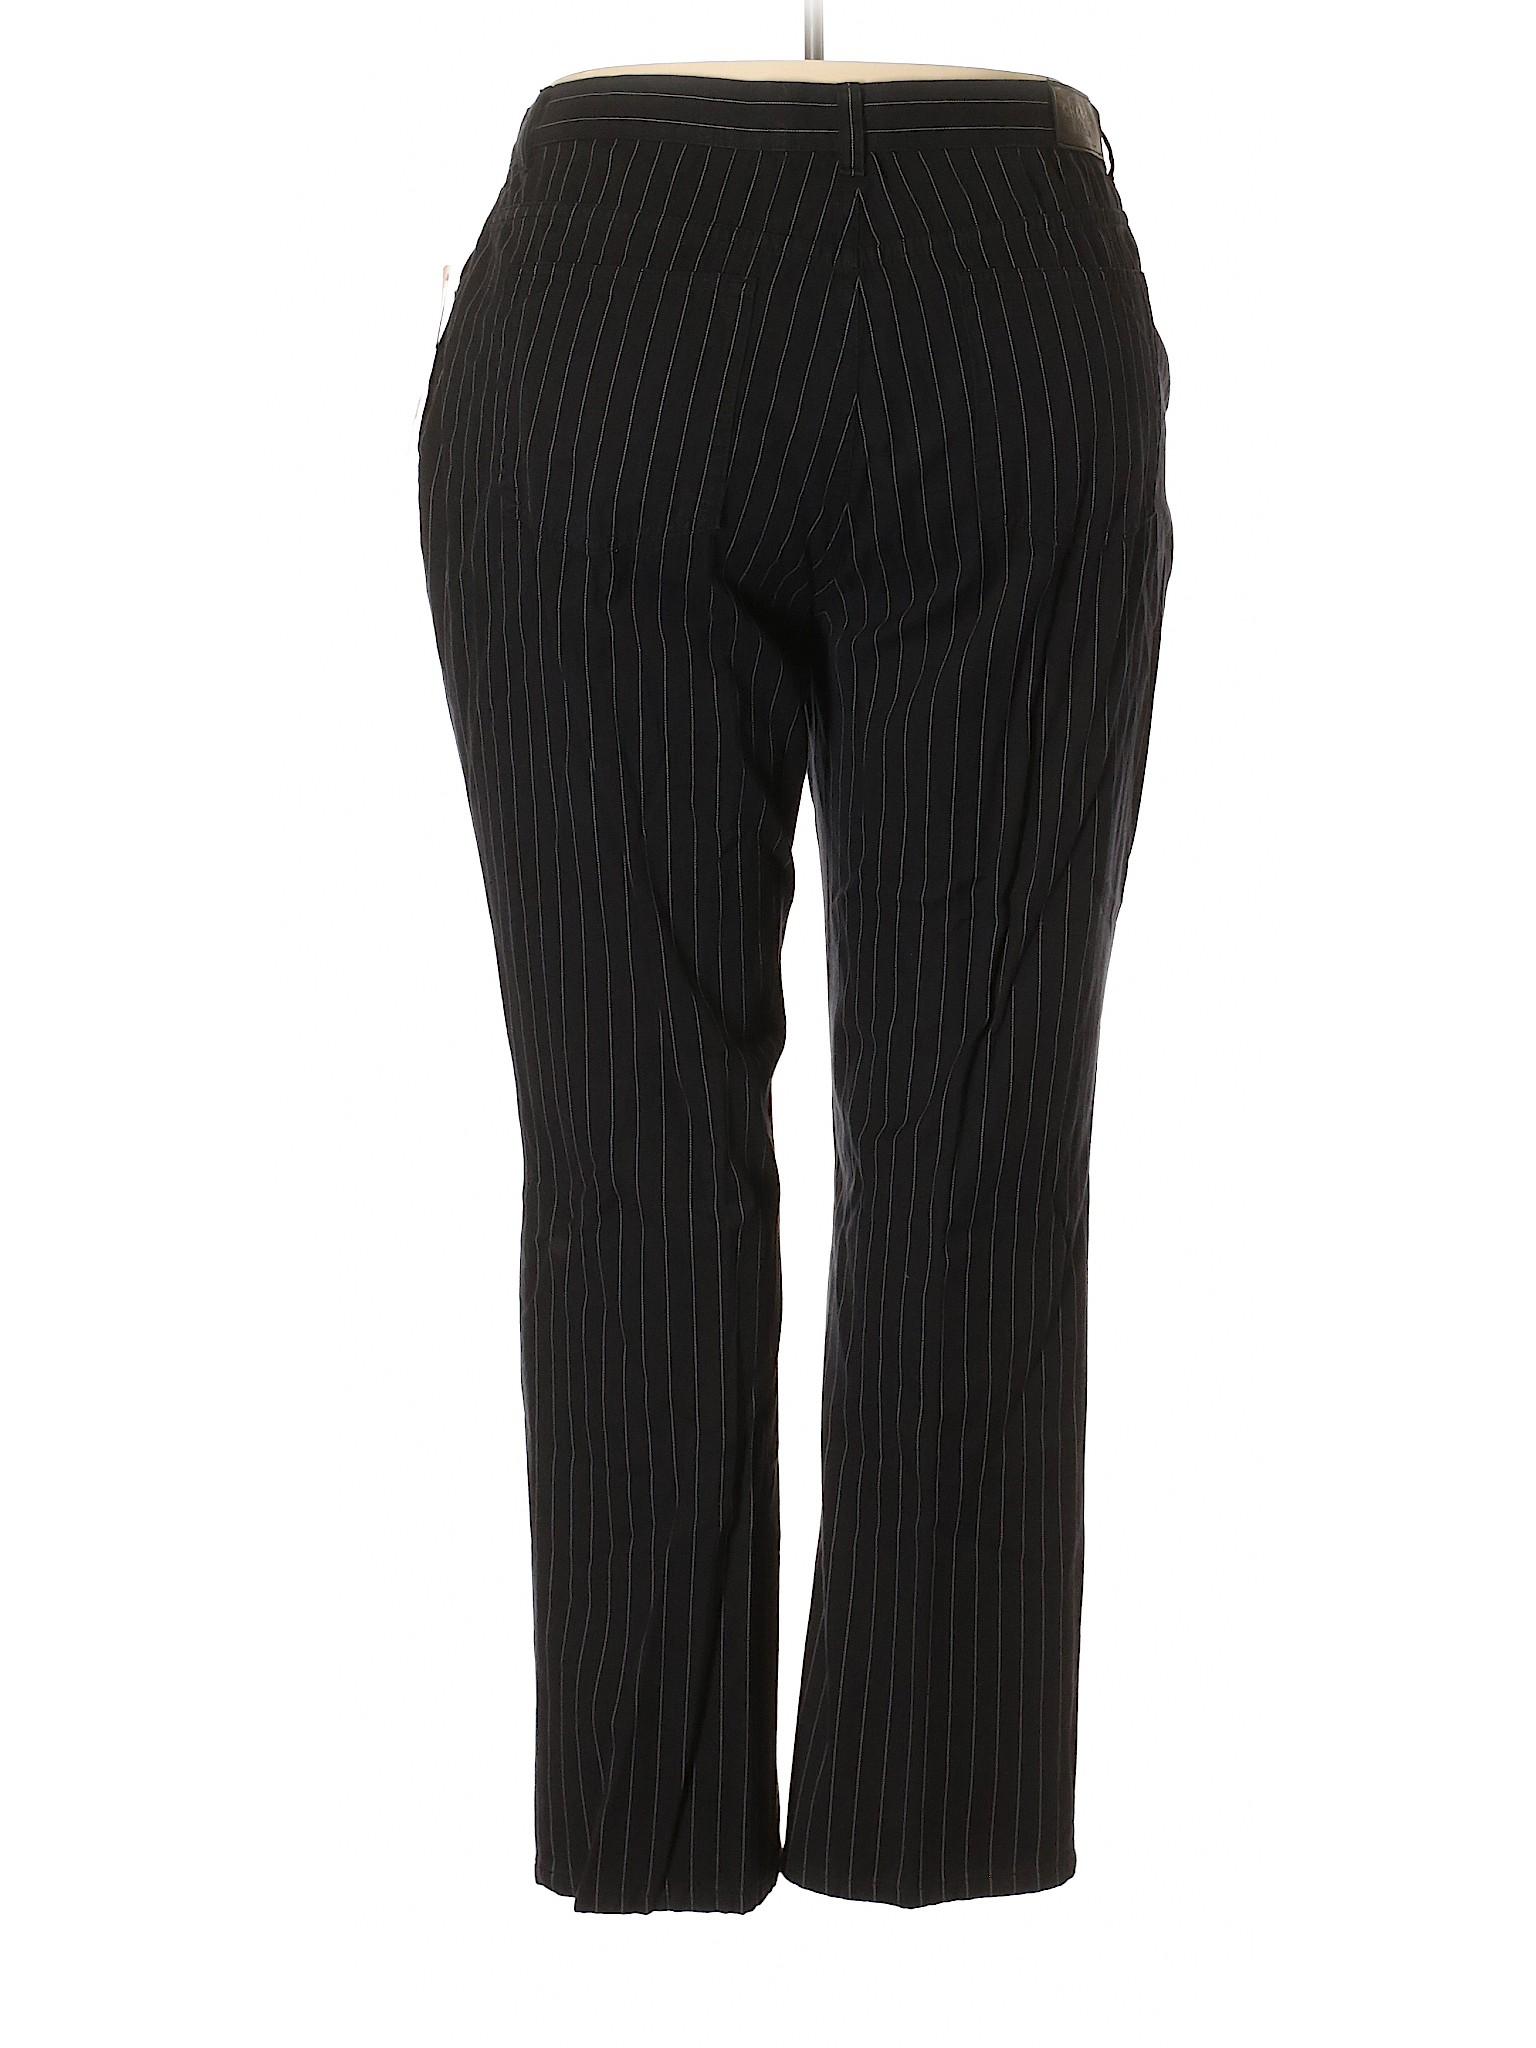 Boutique Boutique Chaps Pants leisure Casual Pants Chaps leisure Casual qxYwCrRxI